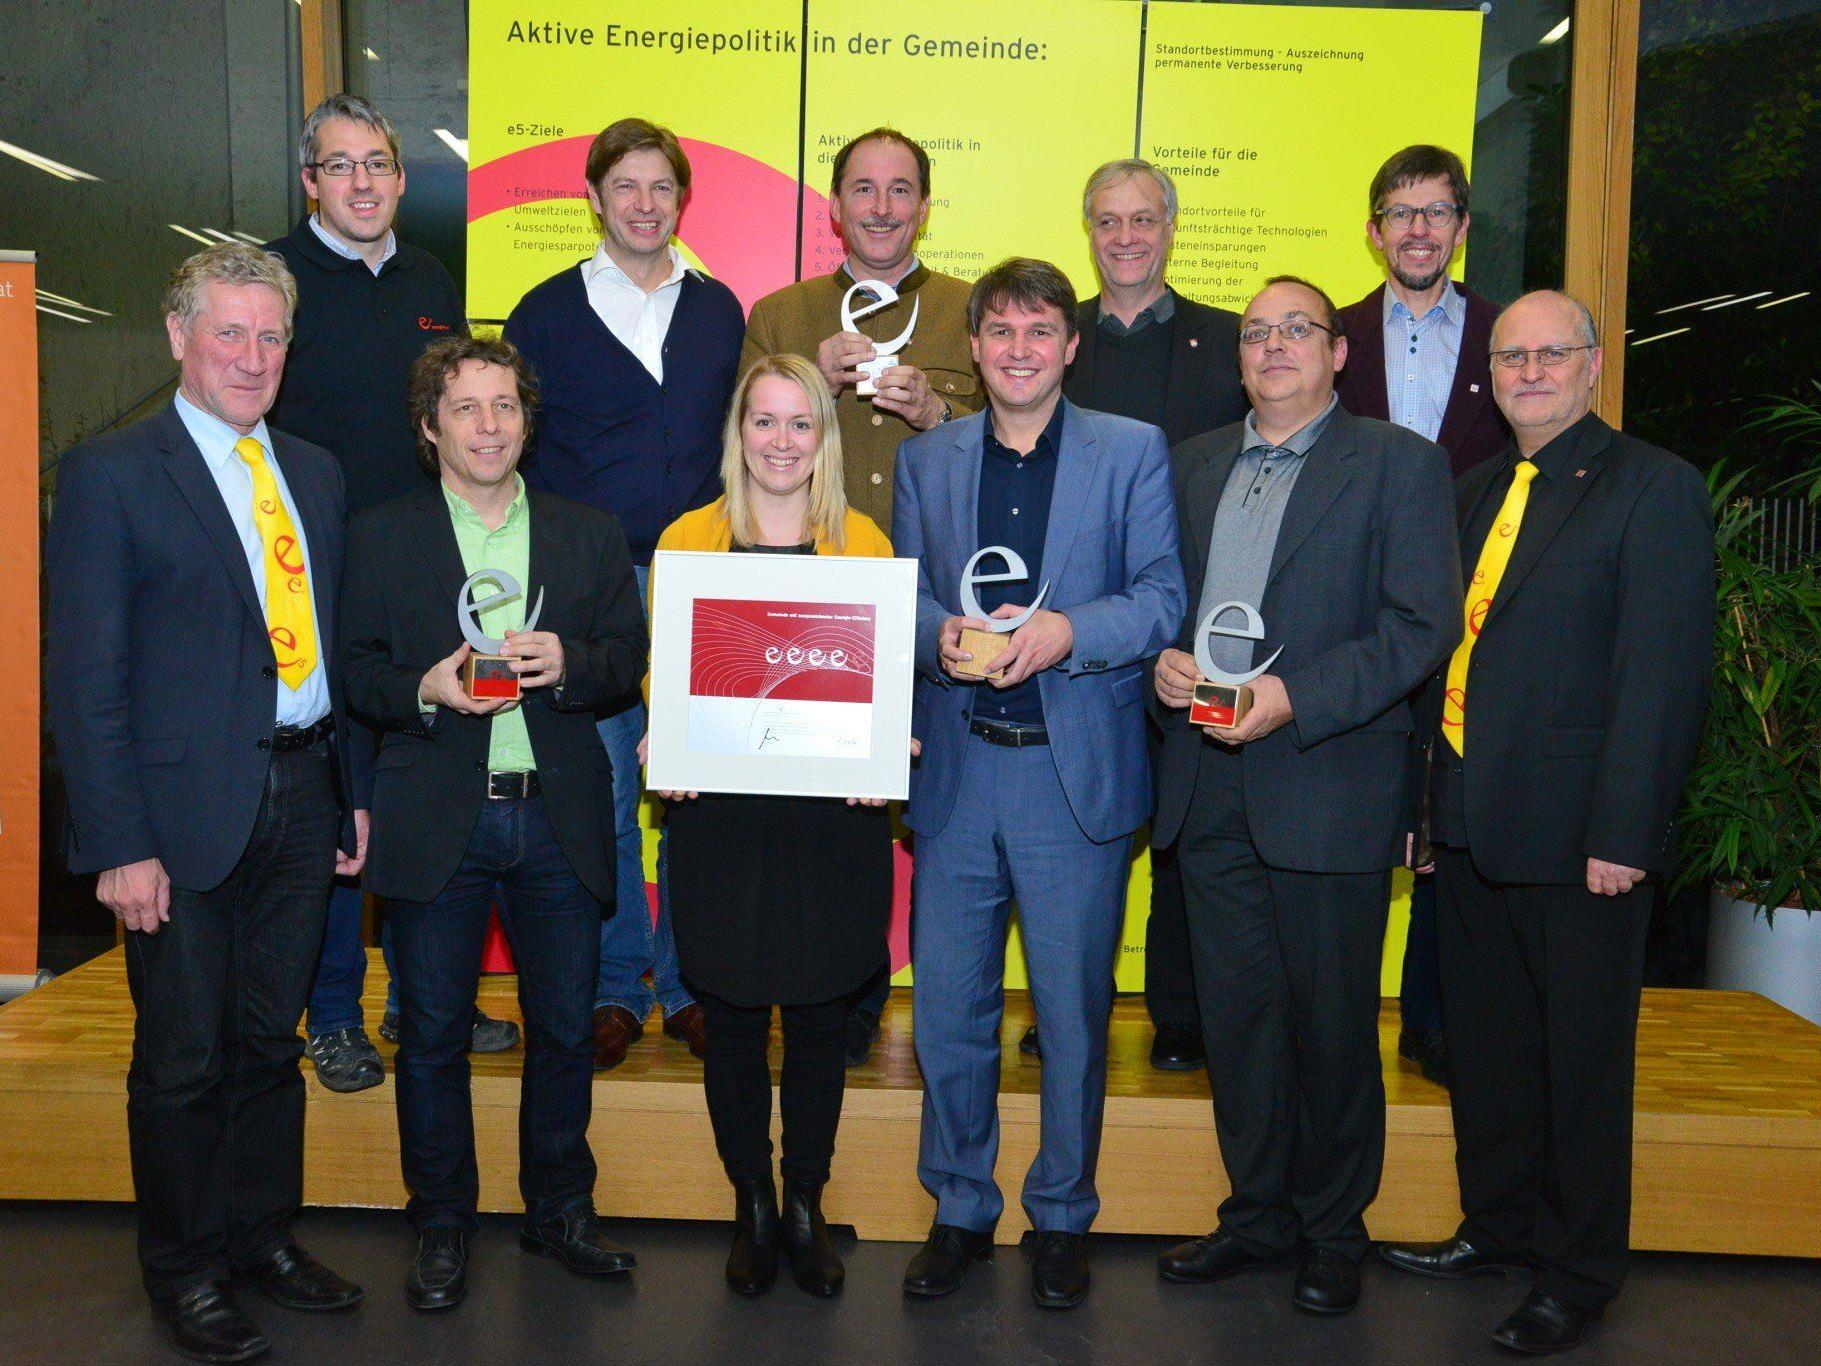 Bürgermeister Kurt Fischer (vordere Reihe 3.v.re.) und die Mitglieder des e5-Teams gemeinsam mit Landesrat Erich Schwärzler (li.) und e5-Programmleiter Karl-Heinz Kaspar (re.).